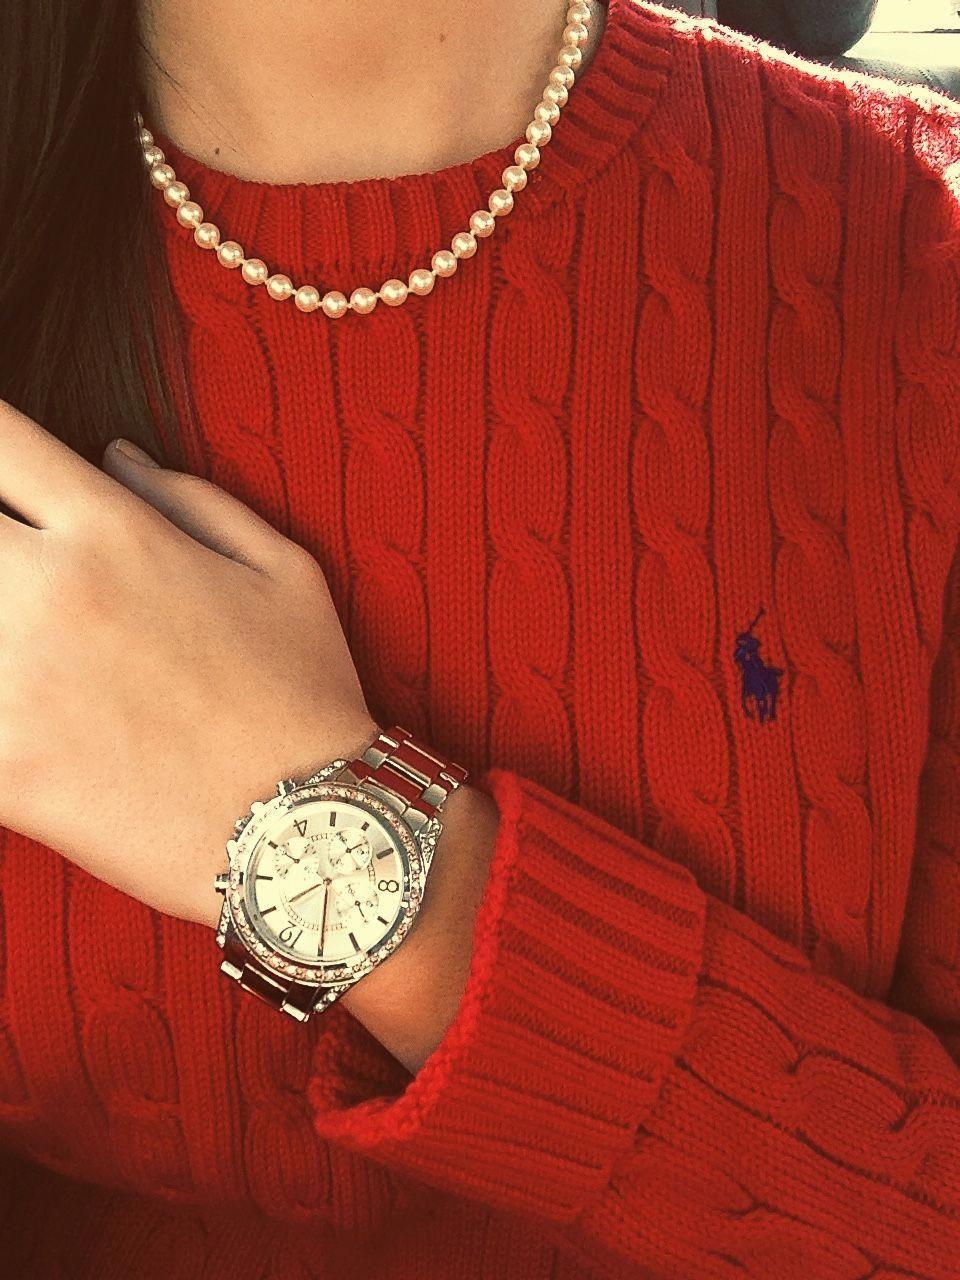 14k Gold Bezel Setting Diamond Necklace / Solitaire Necklace 0.12 Carat / Bridesmaid Necklace / Diamond Gold Necklace